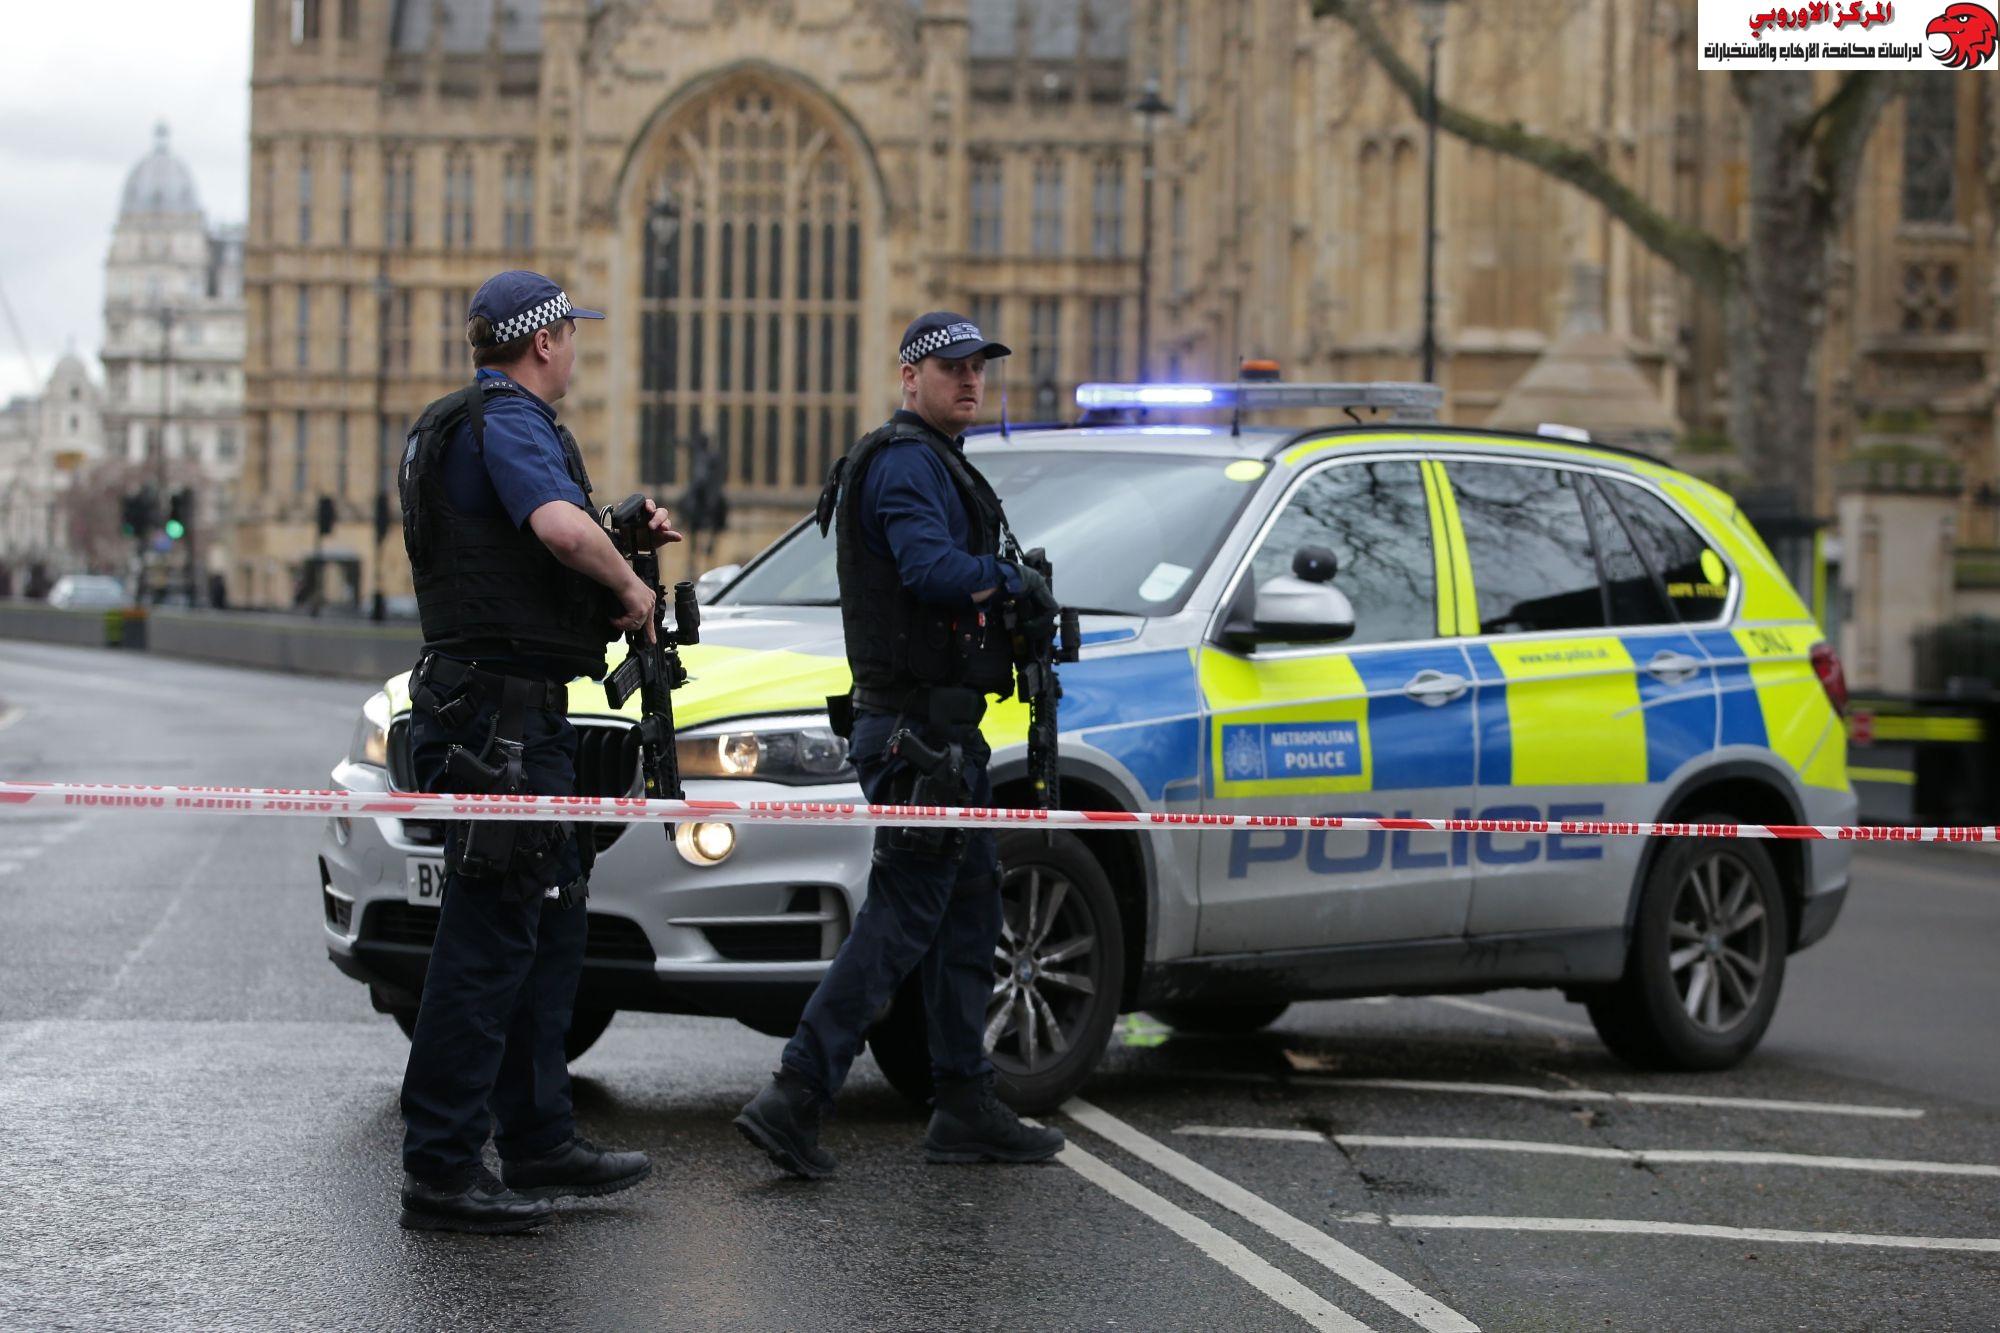 مؤسسات الإخوان في بريطانيا تُصعد تحديات البريكست